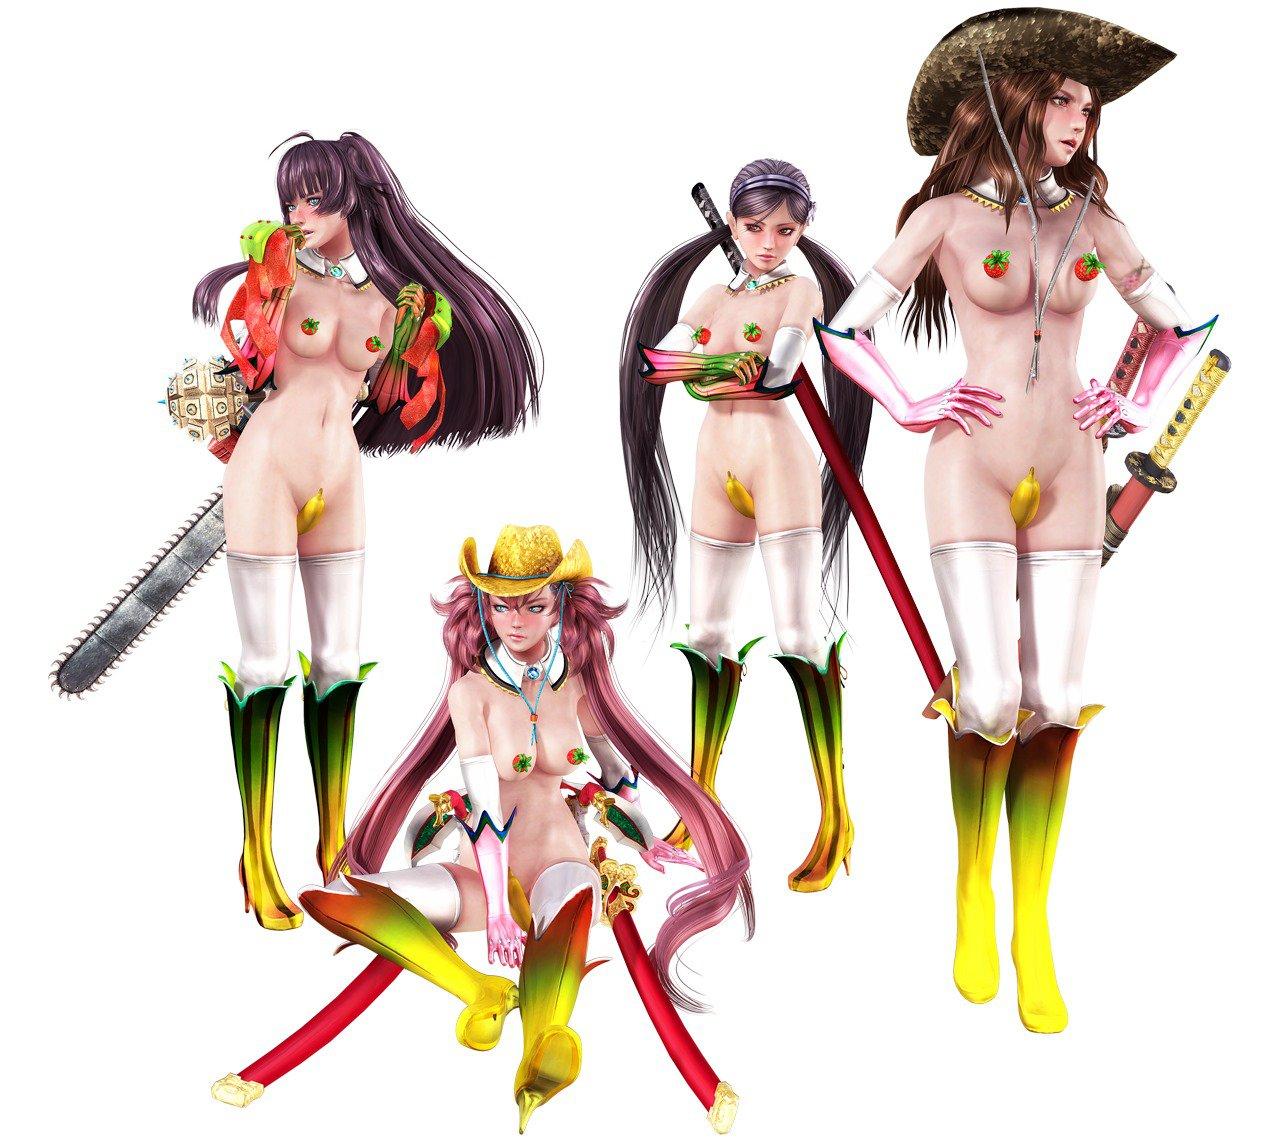 Onechanbara Bikini Samurai Squad Hentai